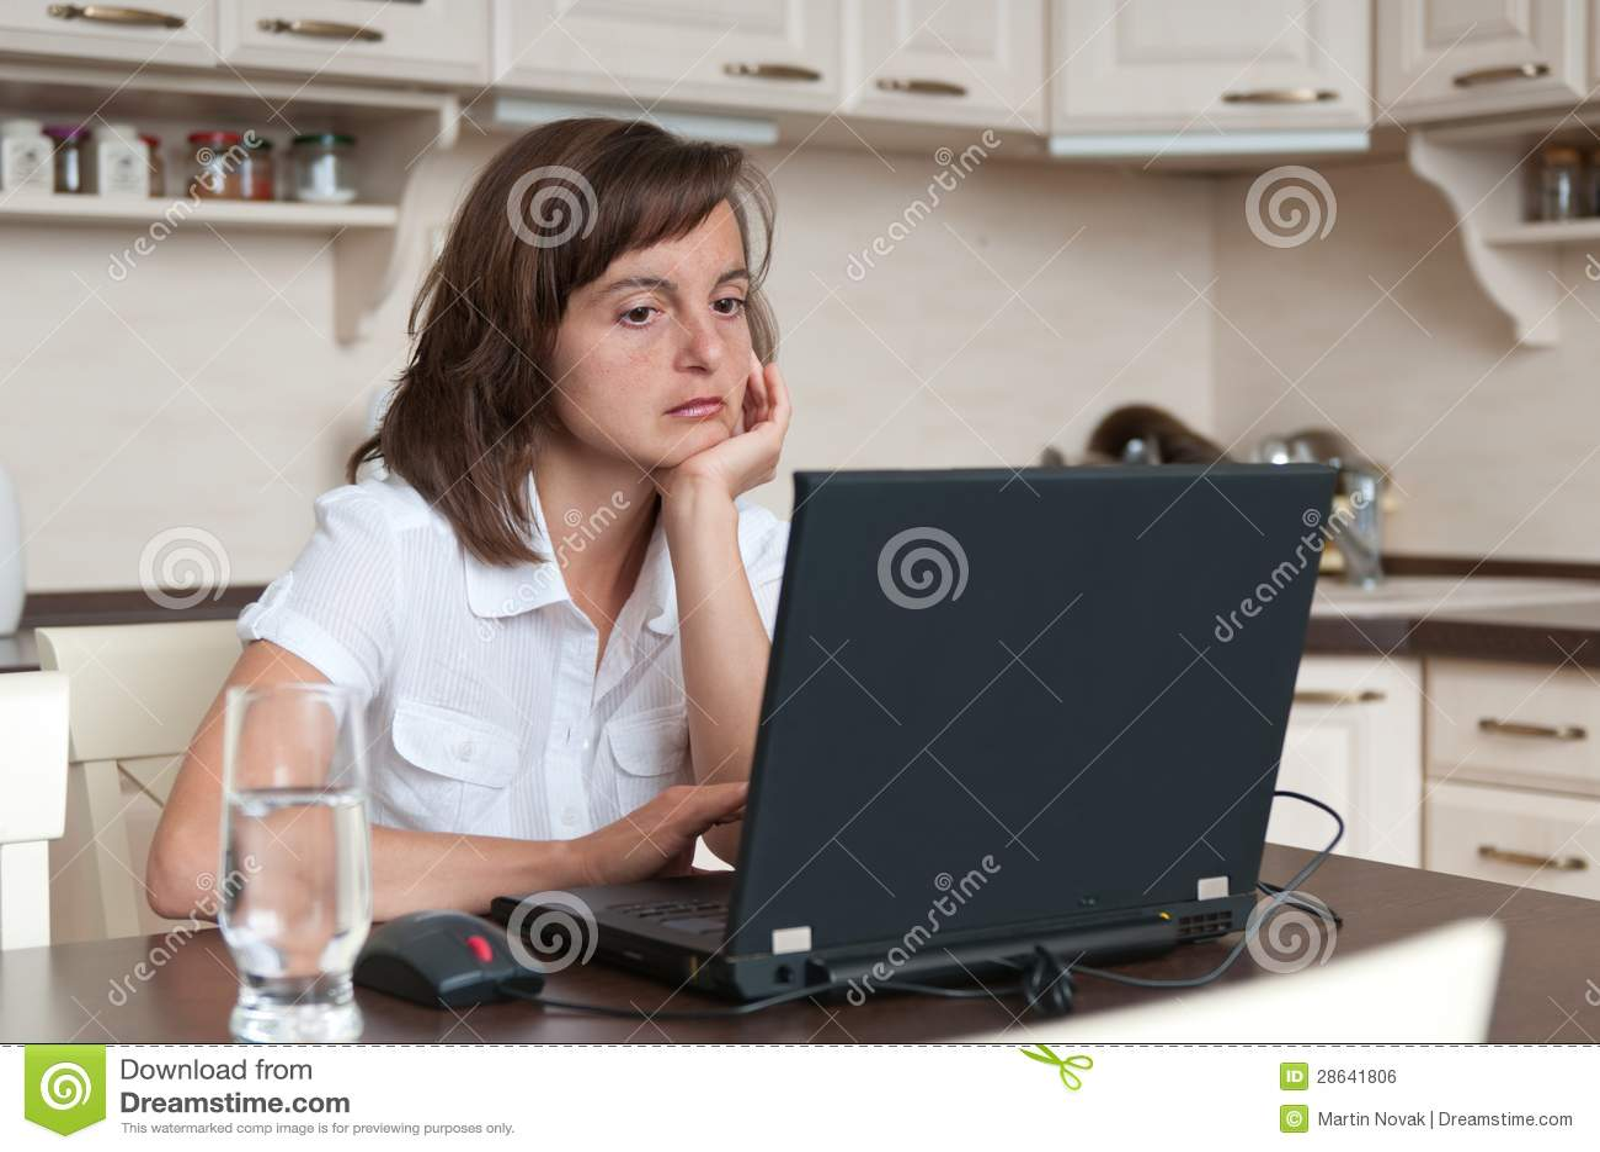 Persona aburrida y cansada del asunto que trabaja en casa imagen de archivo libre de regal as - Trabaja en casa ...